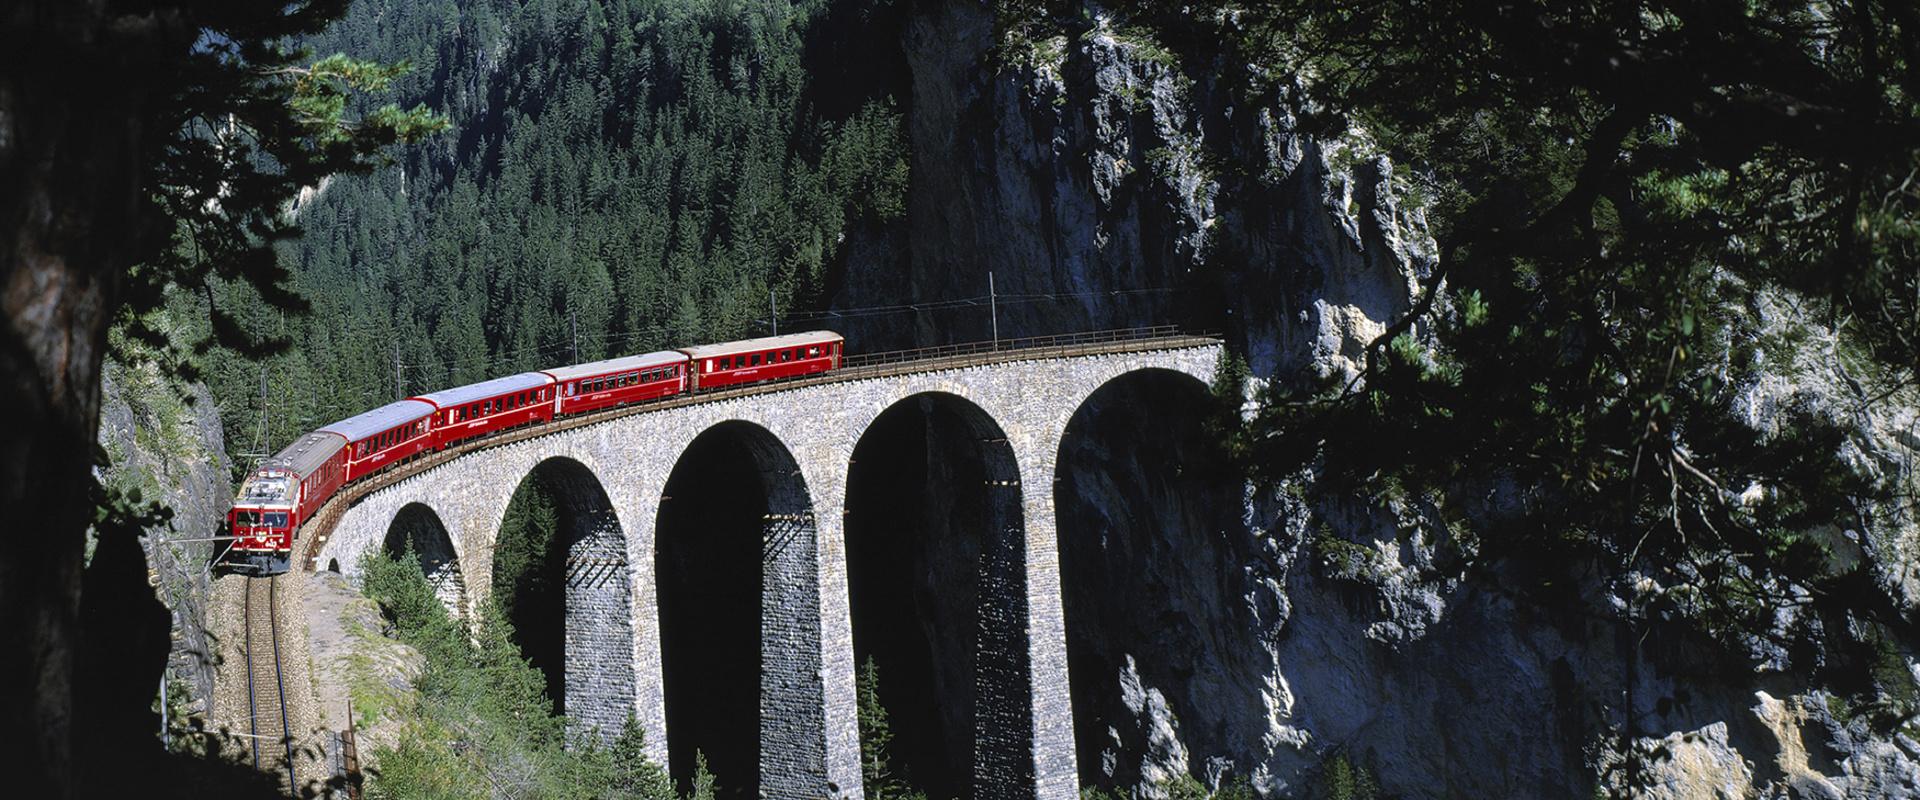 Самые красивые железнодорожные маршруты мира